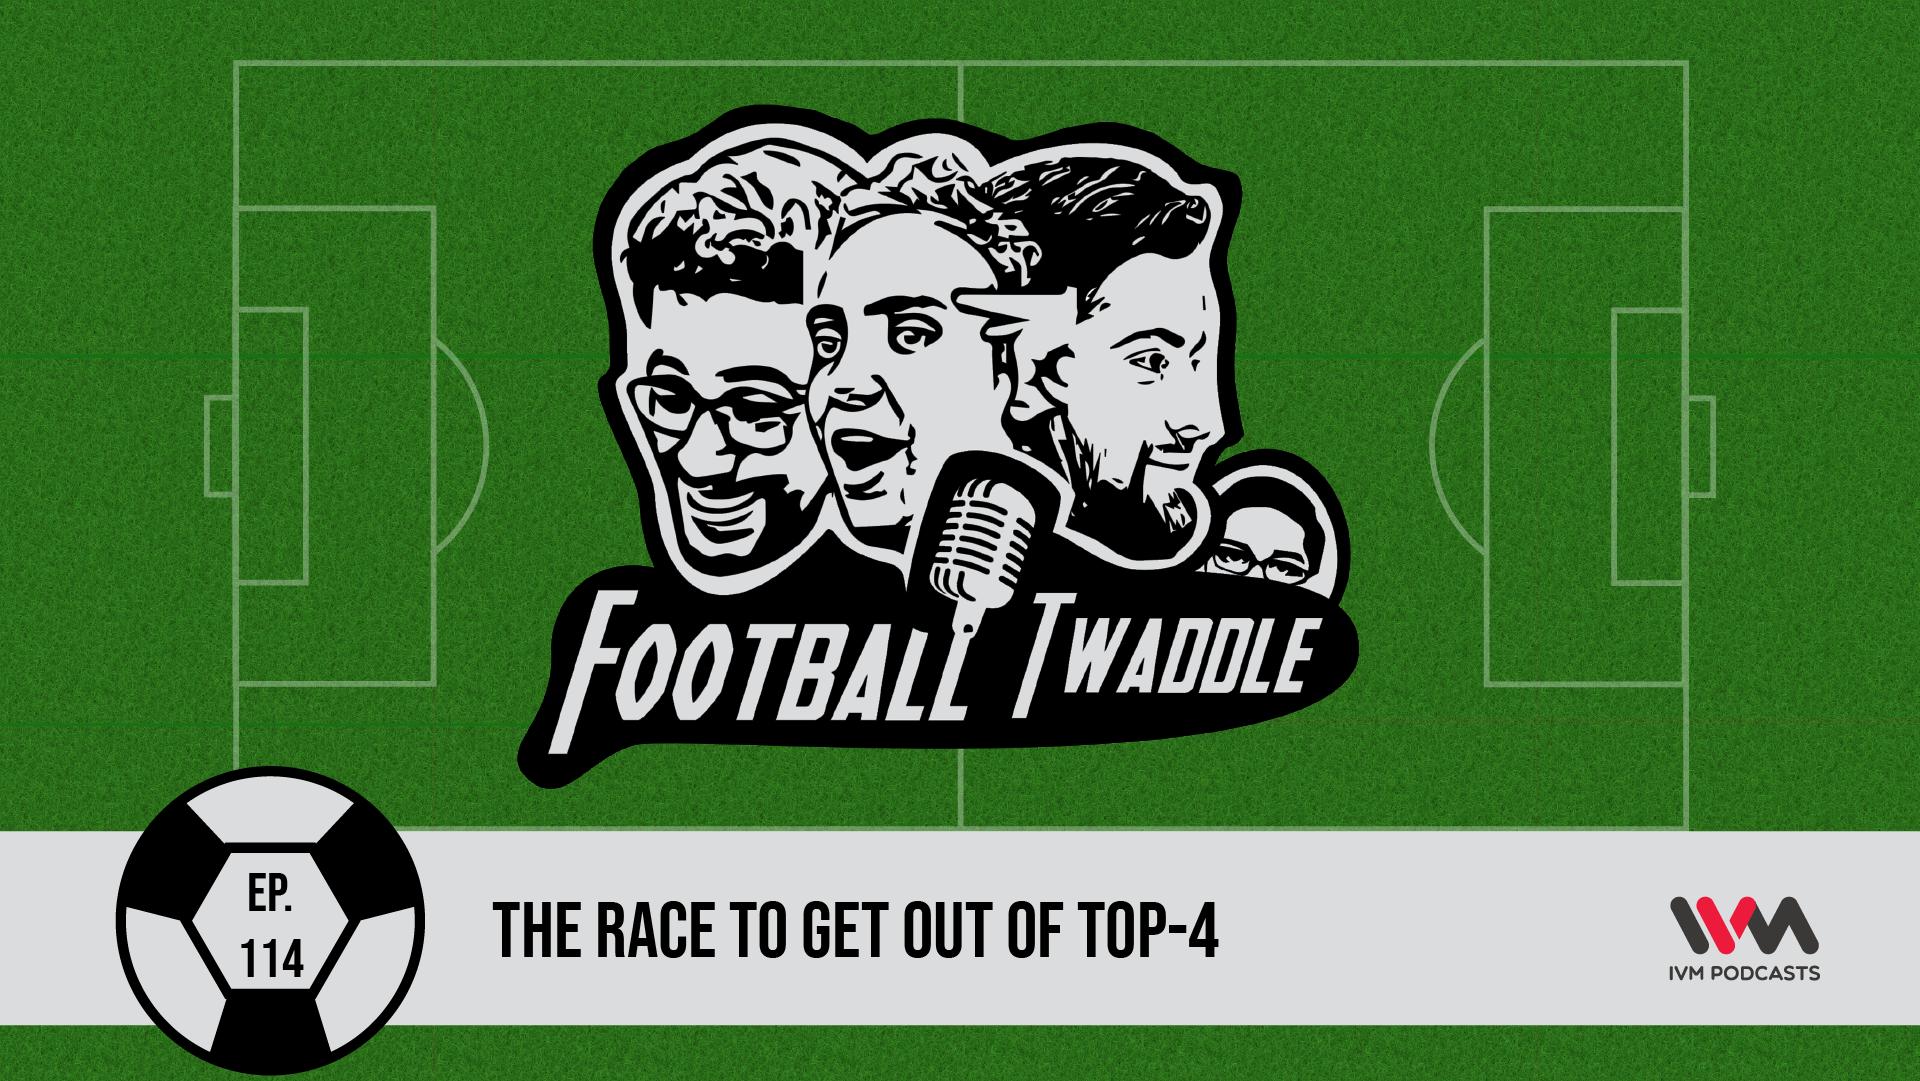 FootballTwaddleEpisode114.png